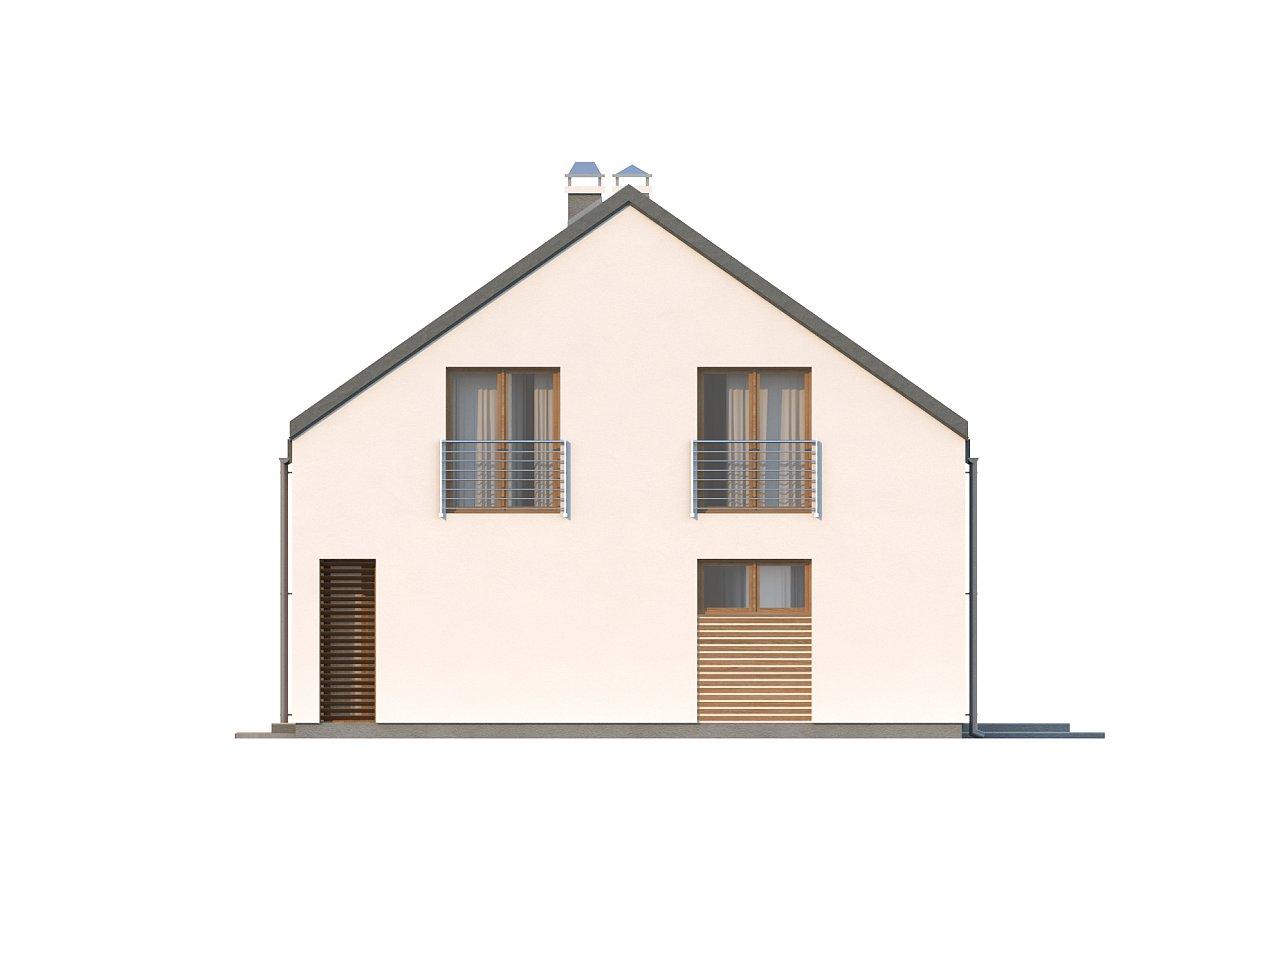 Аккуратный современный дом простой формы с оригинальной двускатной крышей. - фото 5